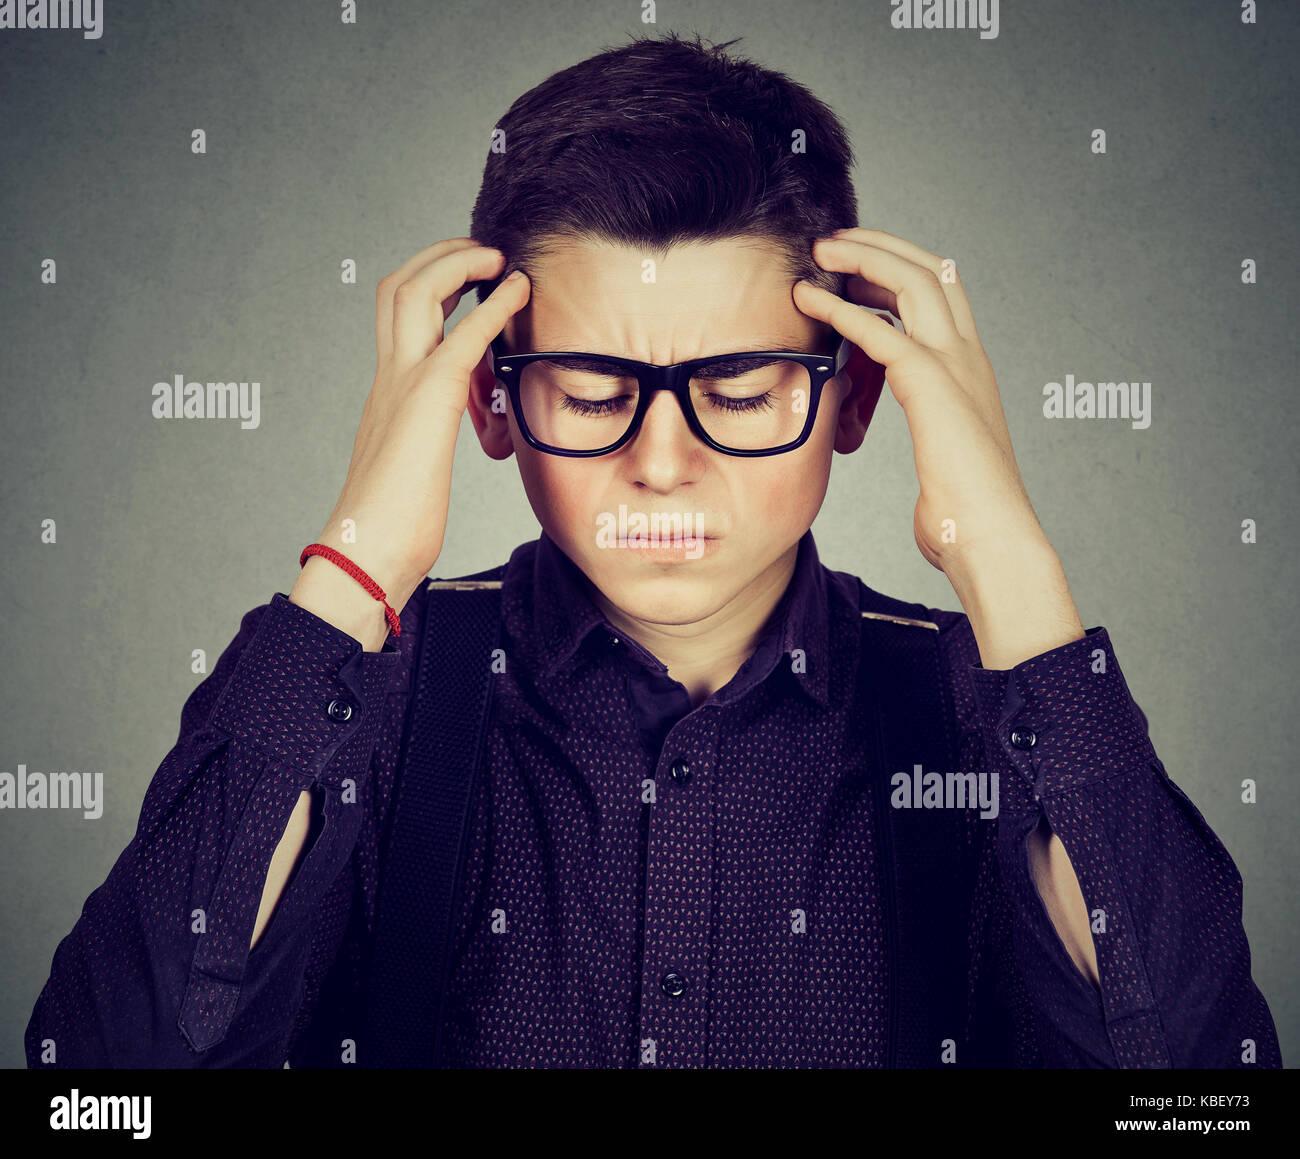 Closeup portrait triste jeune homme avec inquiets face à l'expression a souligné Banque D'Images